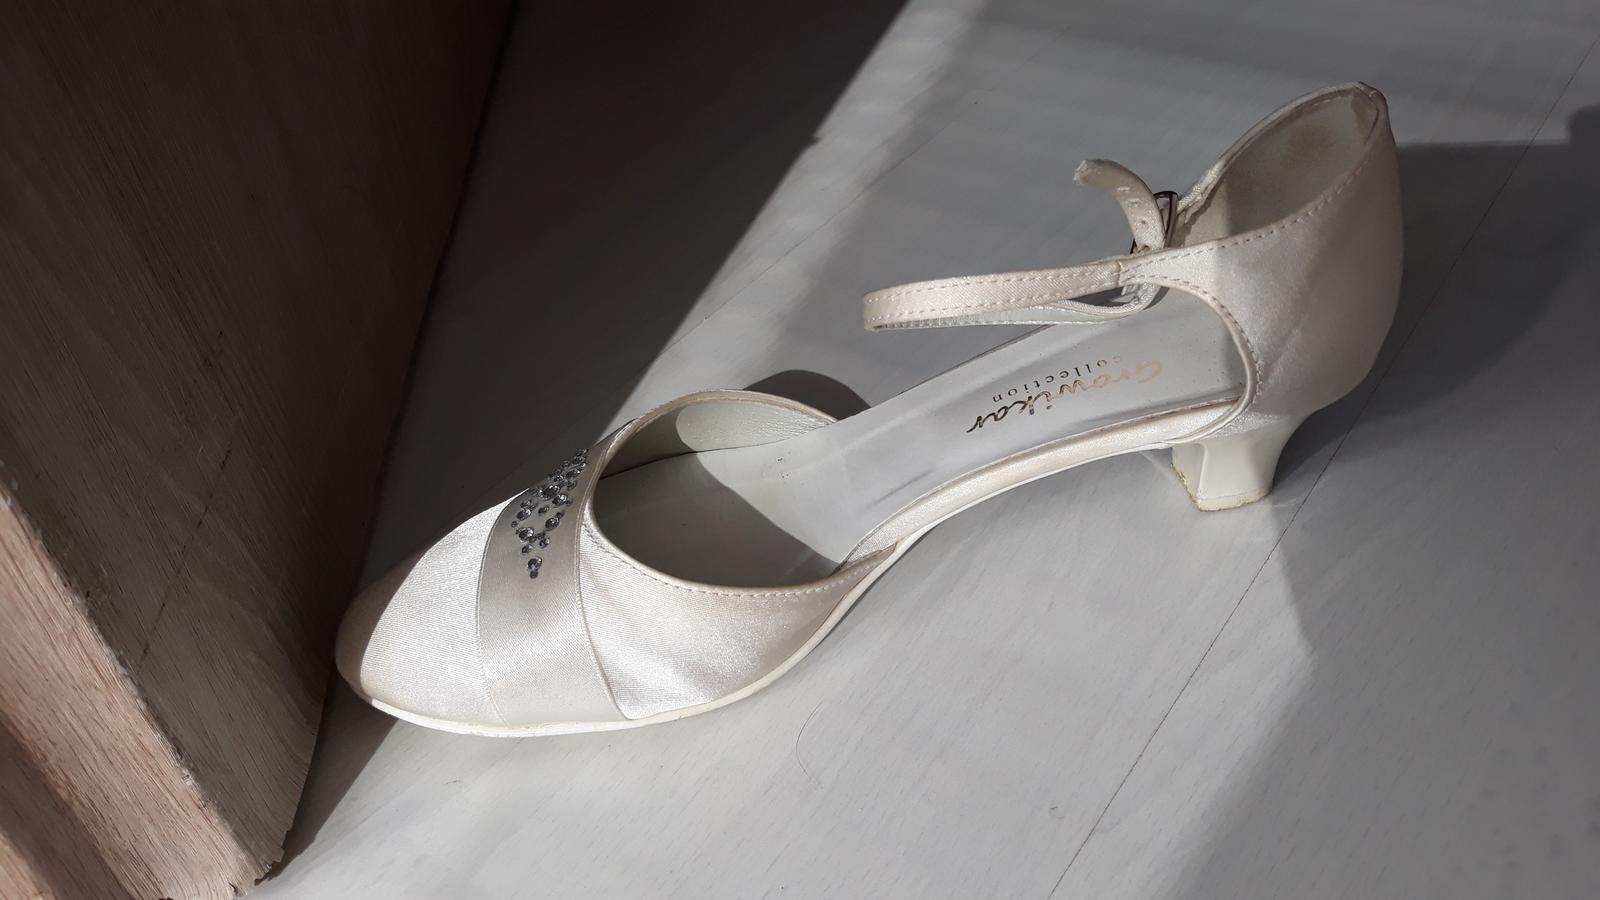 Svadobné topánky growikar - Obrázok č. 2